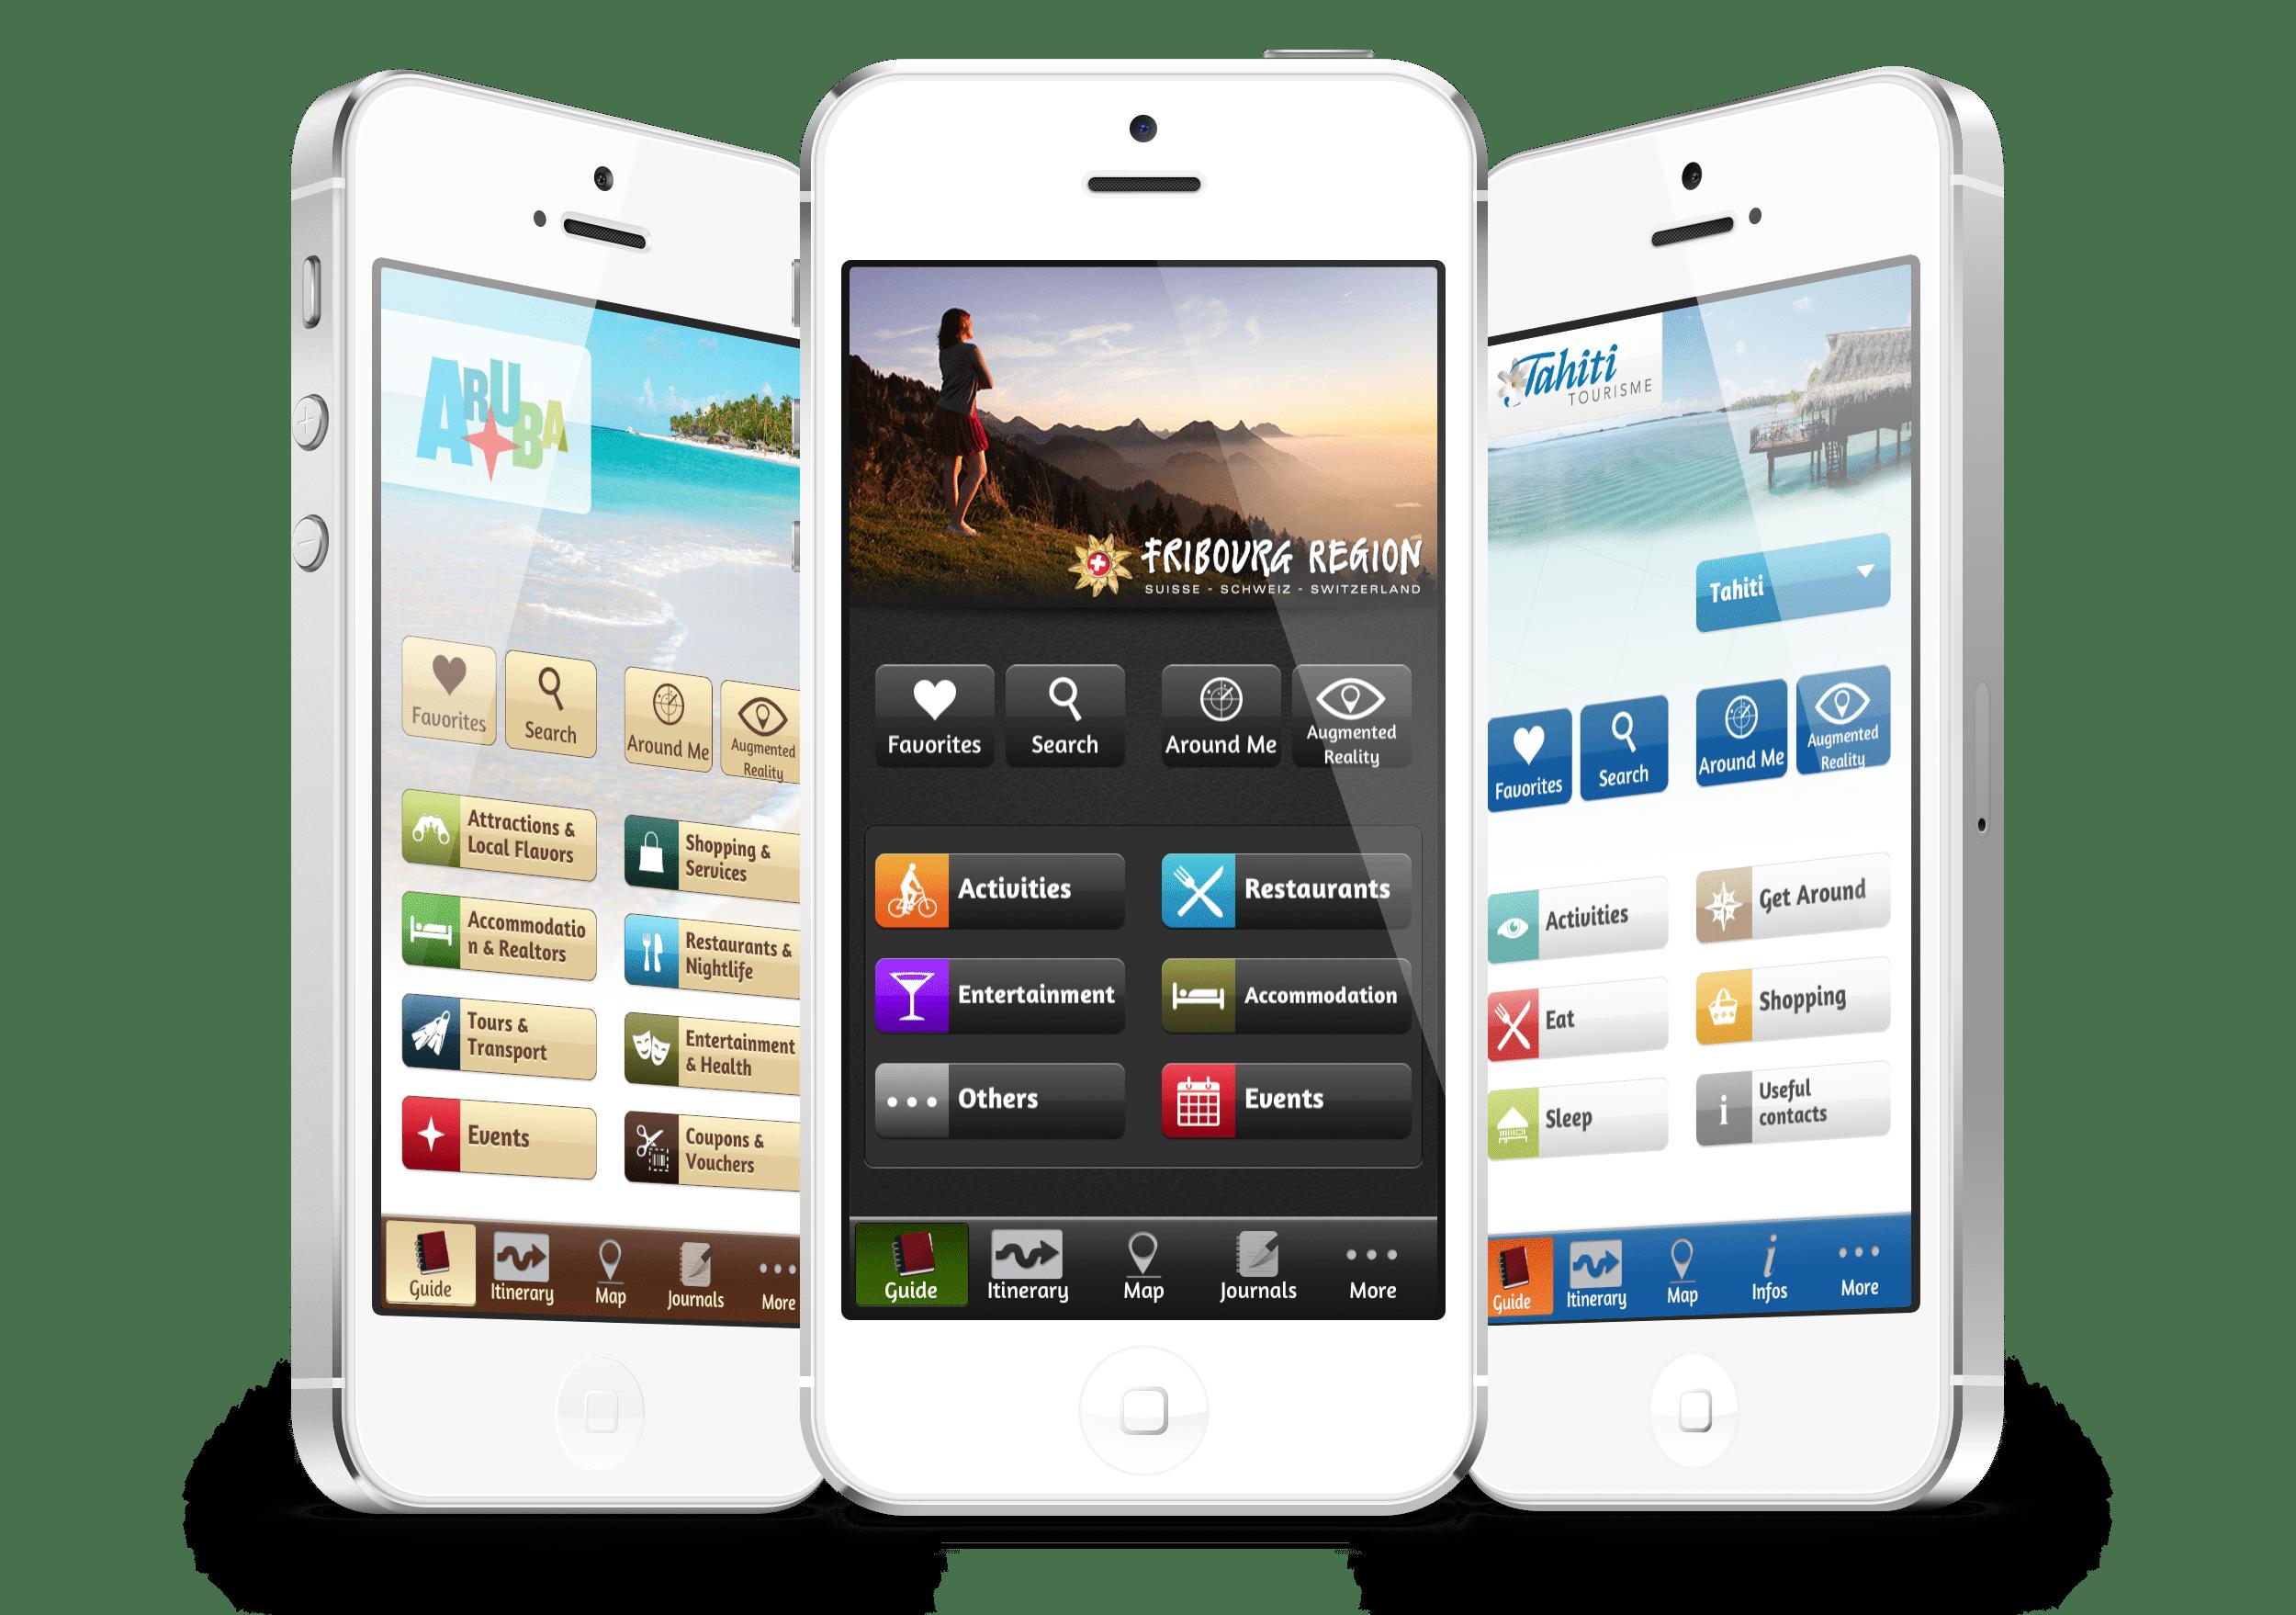 mTrip application guide de voyage office de tourisme